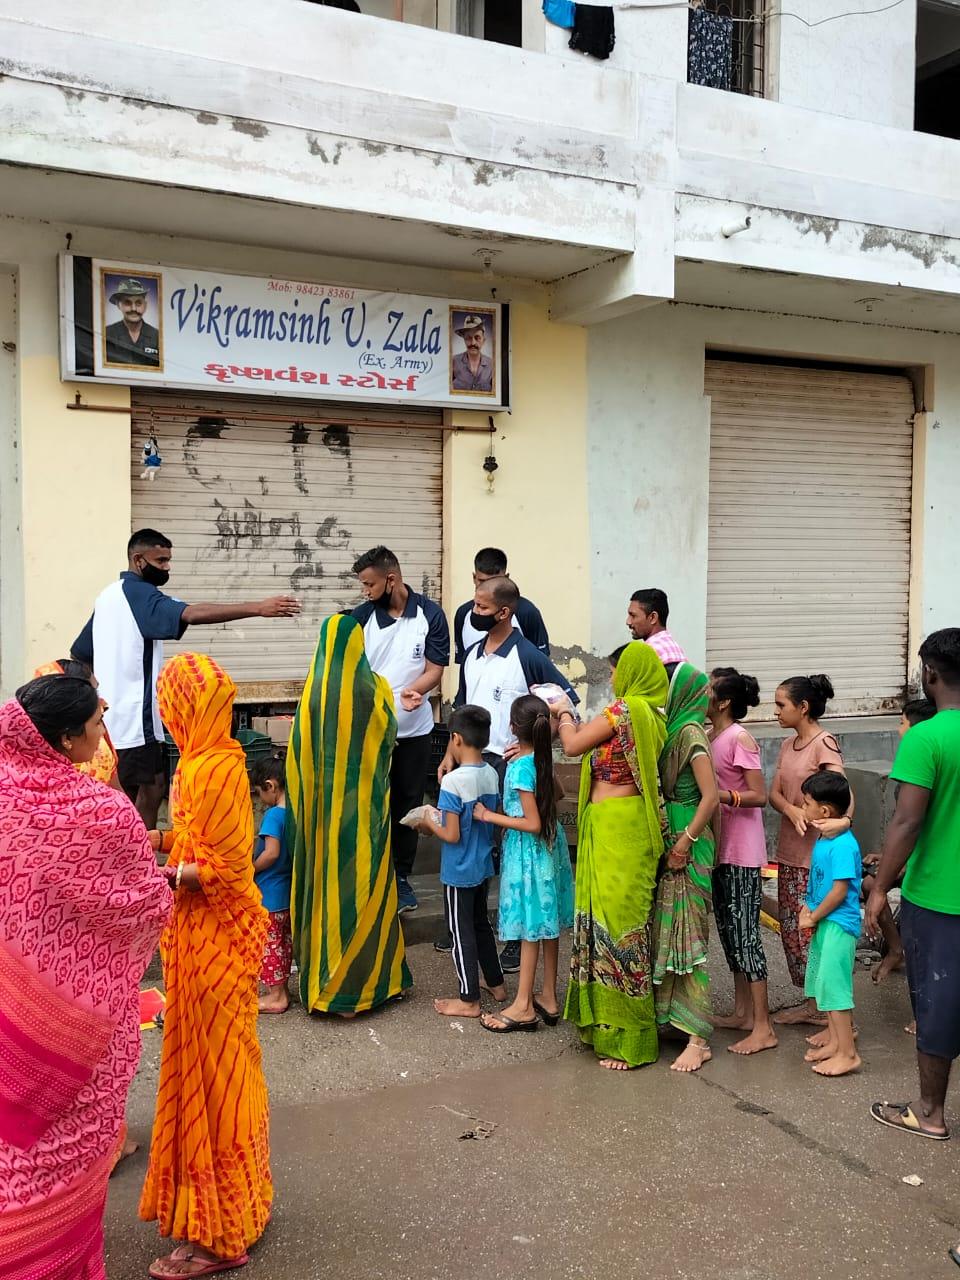 INS વાલસુરા દ્વારા જામનગર ખાતે માનવ સહાય અને આપત્તિ રાહત કામગીરીઓ હાથ ધરવામાં આવી